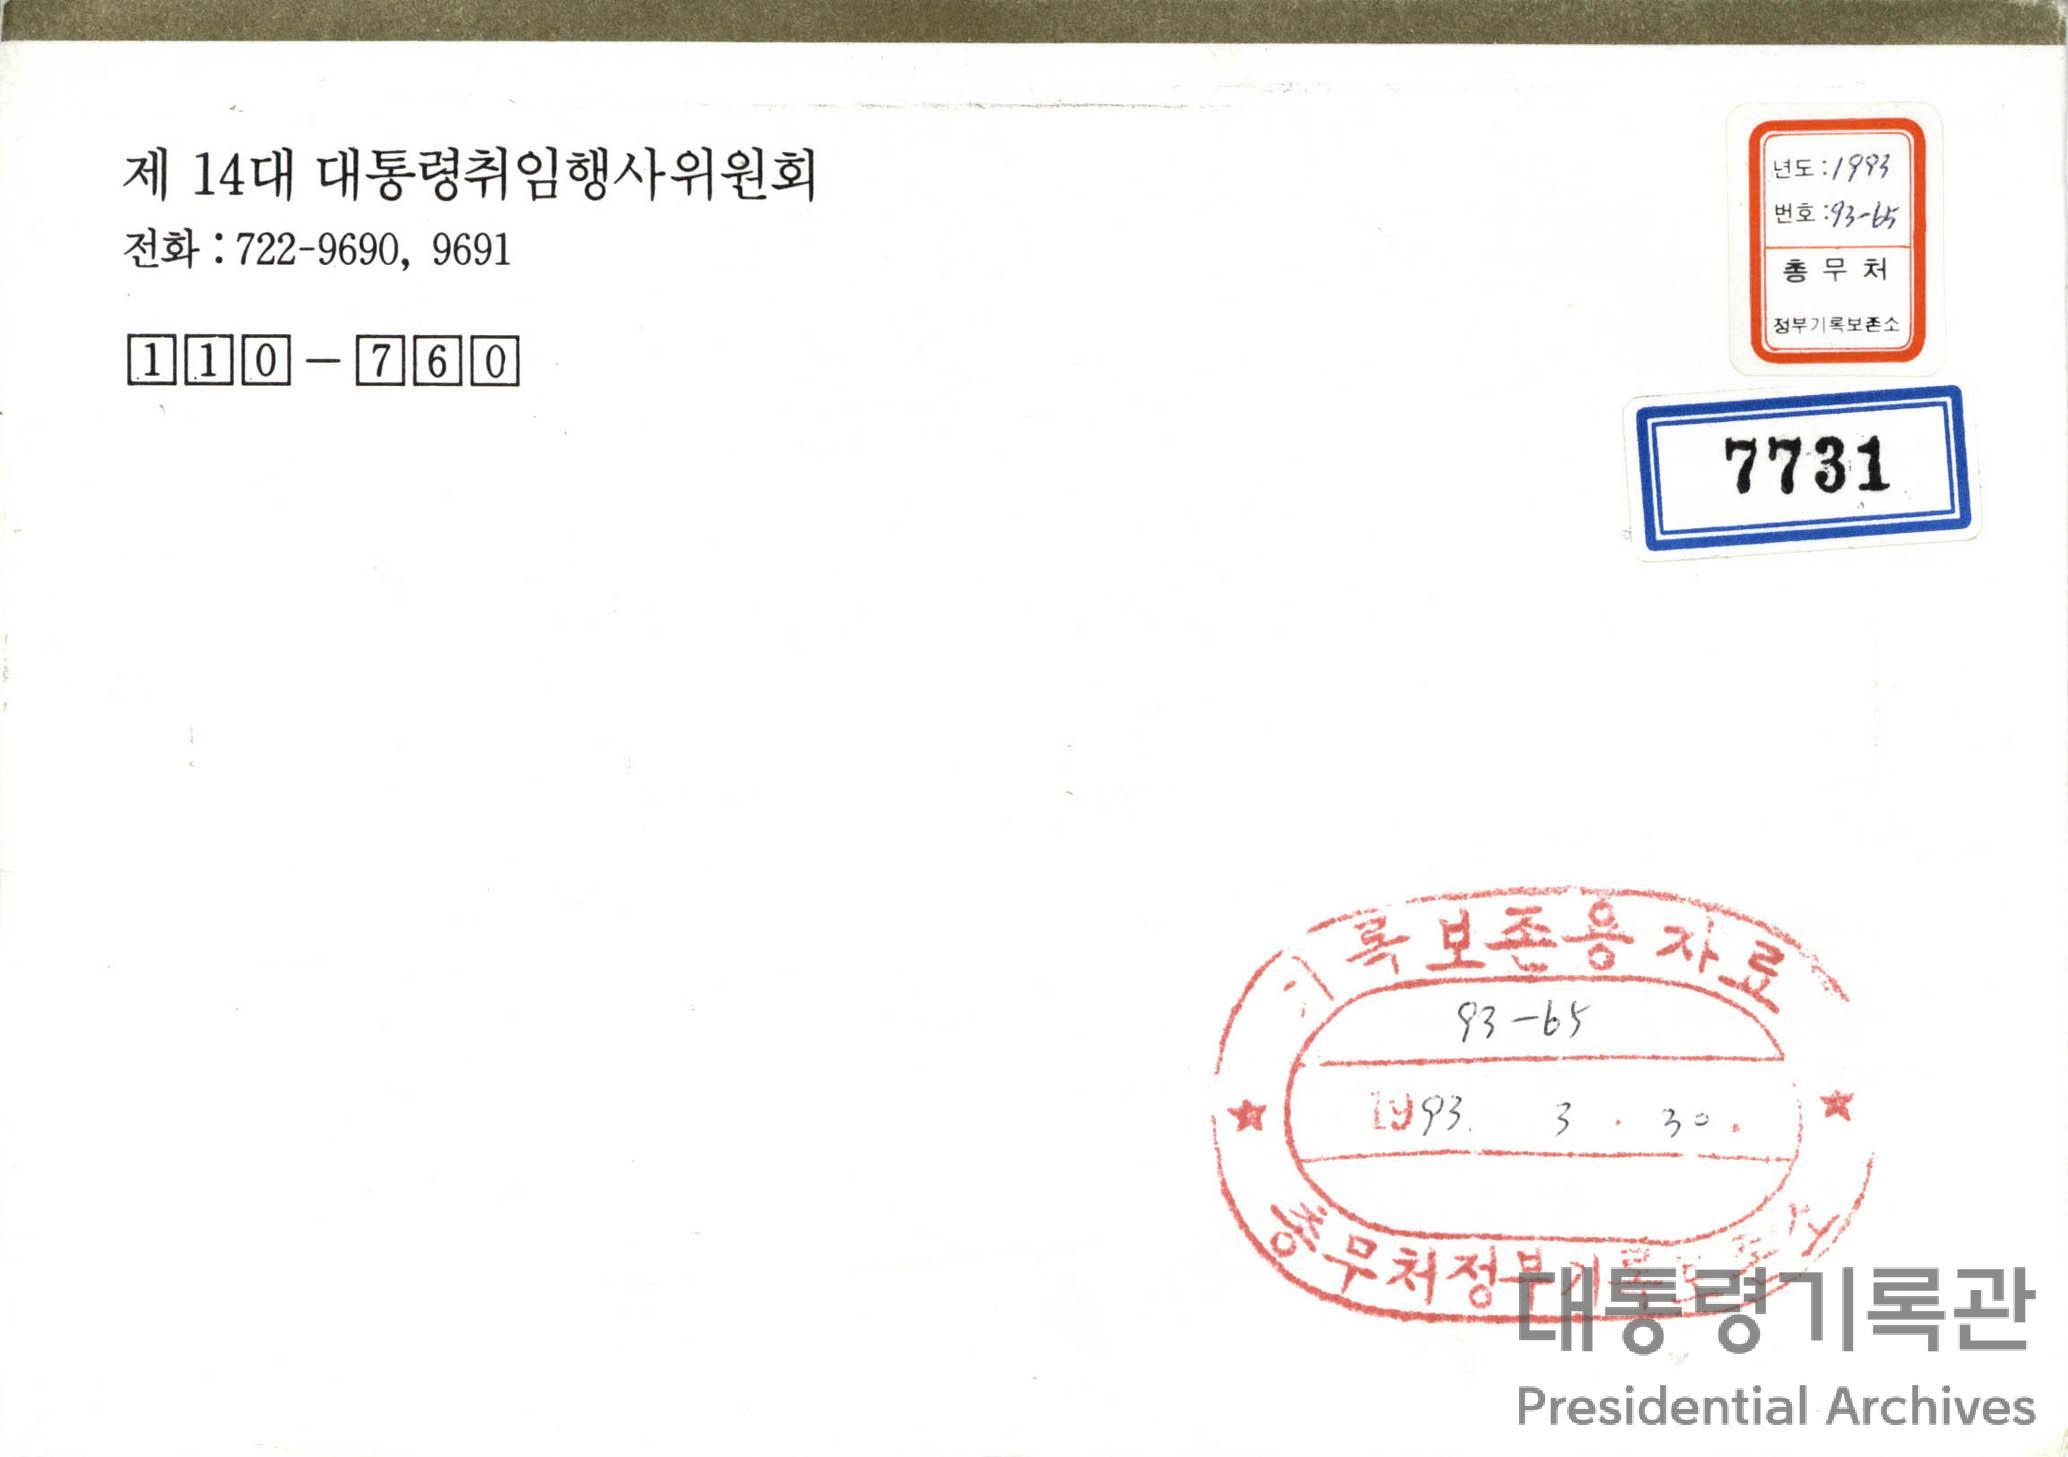 제14대 대통령 취임식 초청장 (1993, 김영삼대통령)